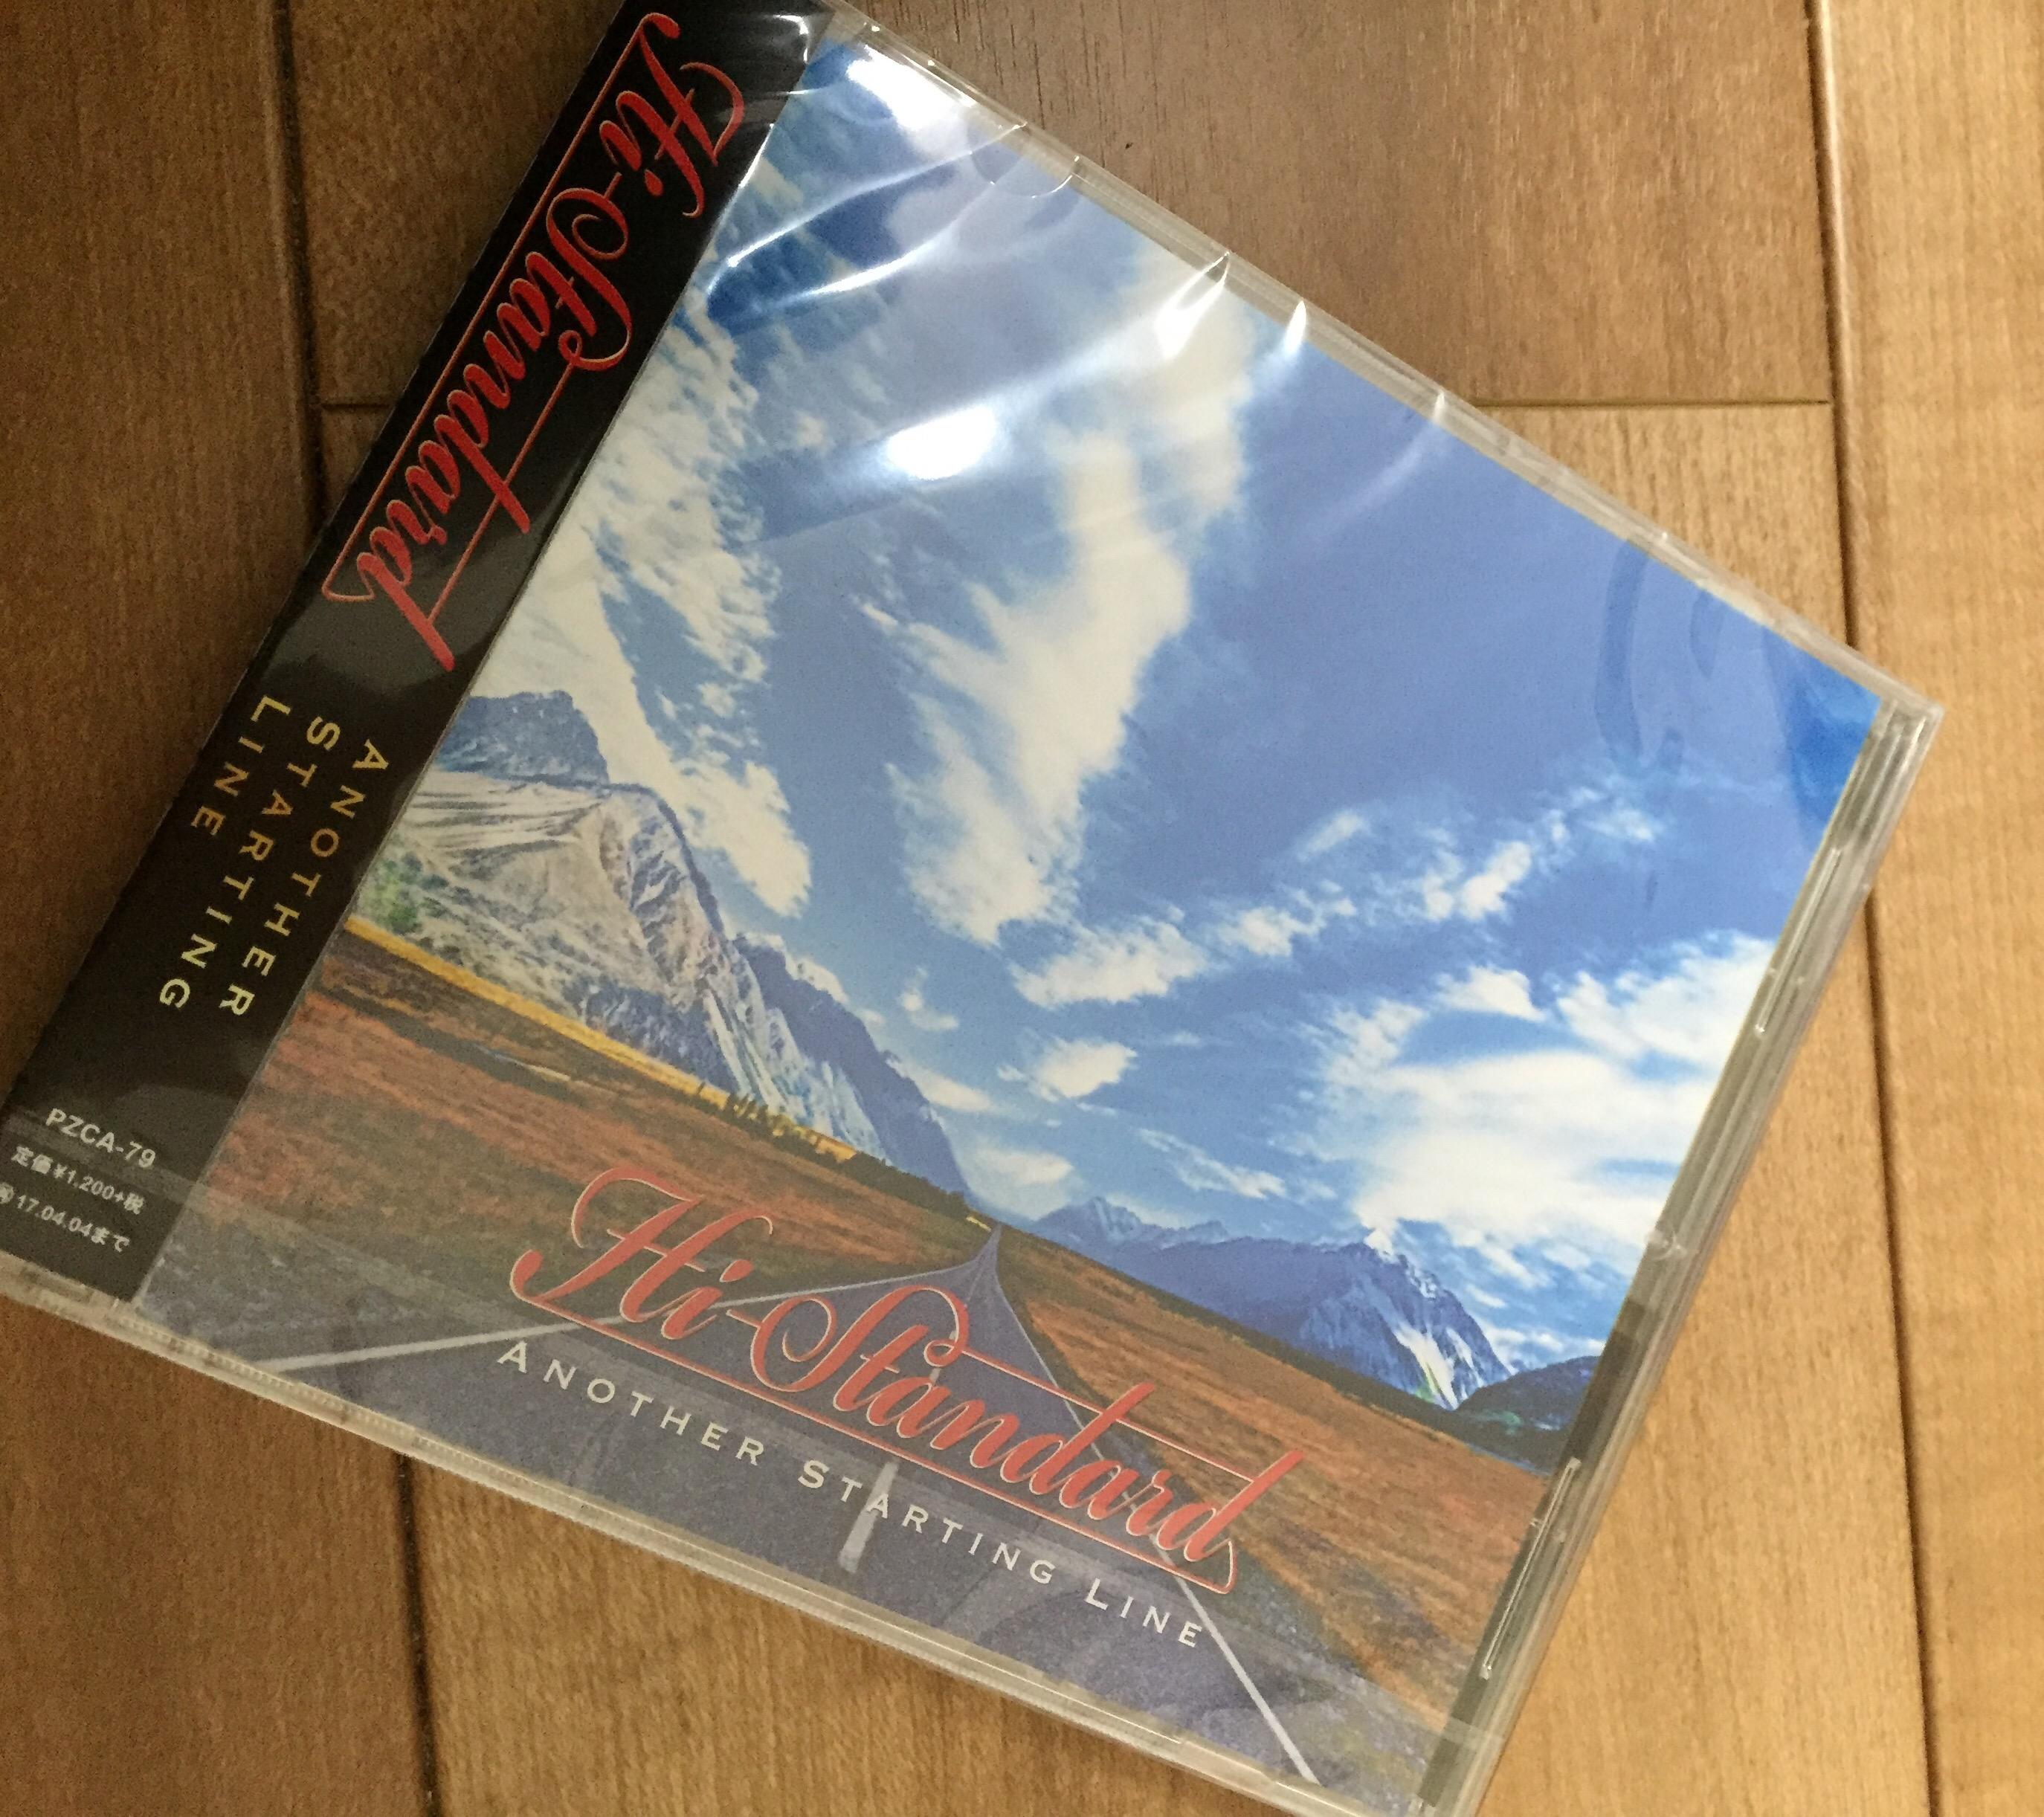 ティロフェヒナー ハイスタ新曲「another starting line」は楽天やAmazonで購入できないの!